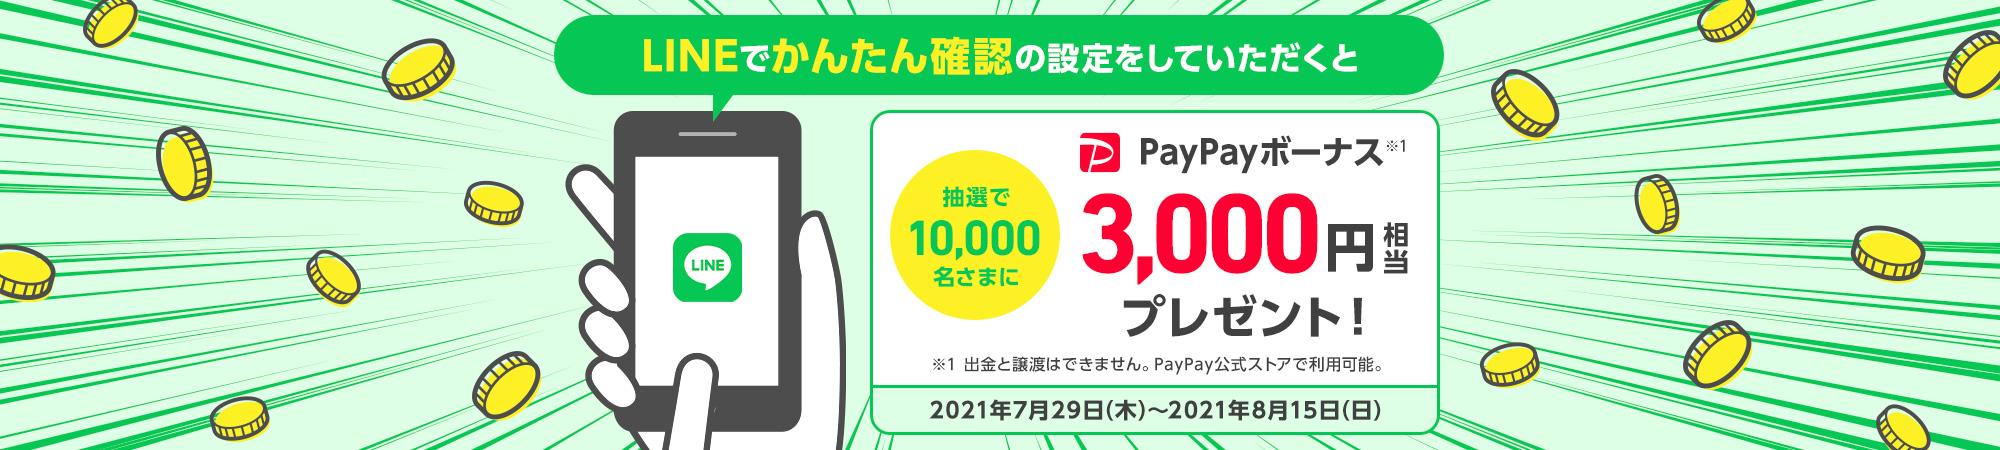 LINEアカウント連携で PayPayボーナスプレゼントキャンペーン